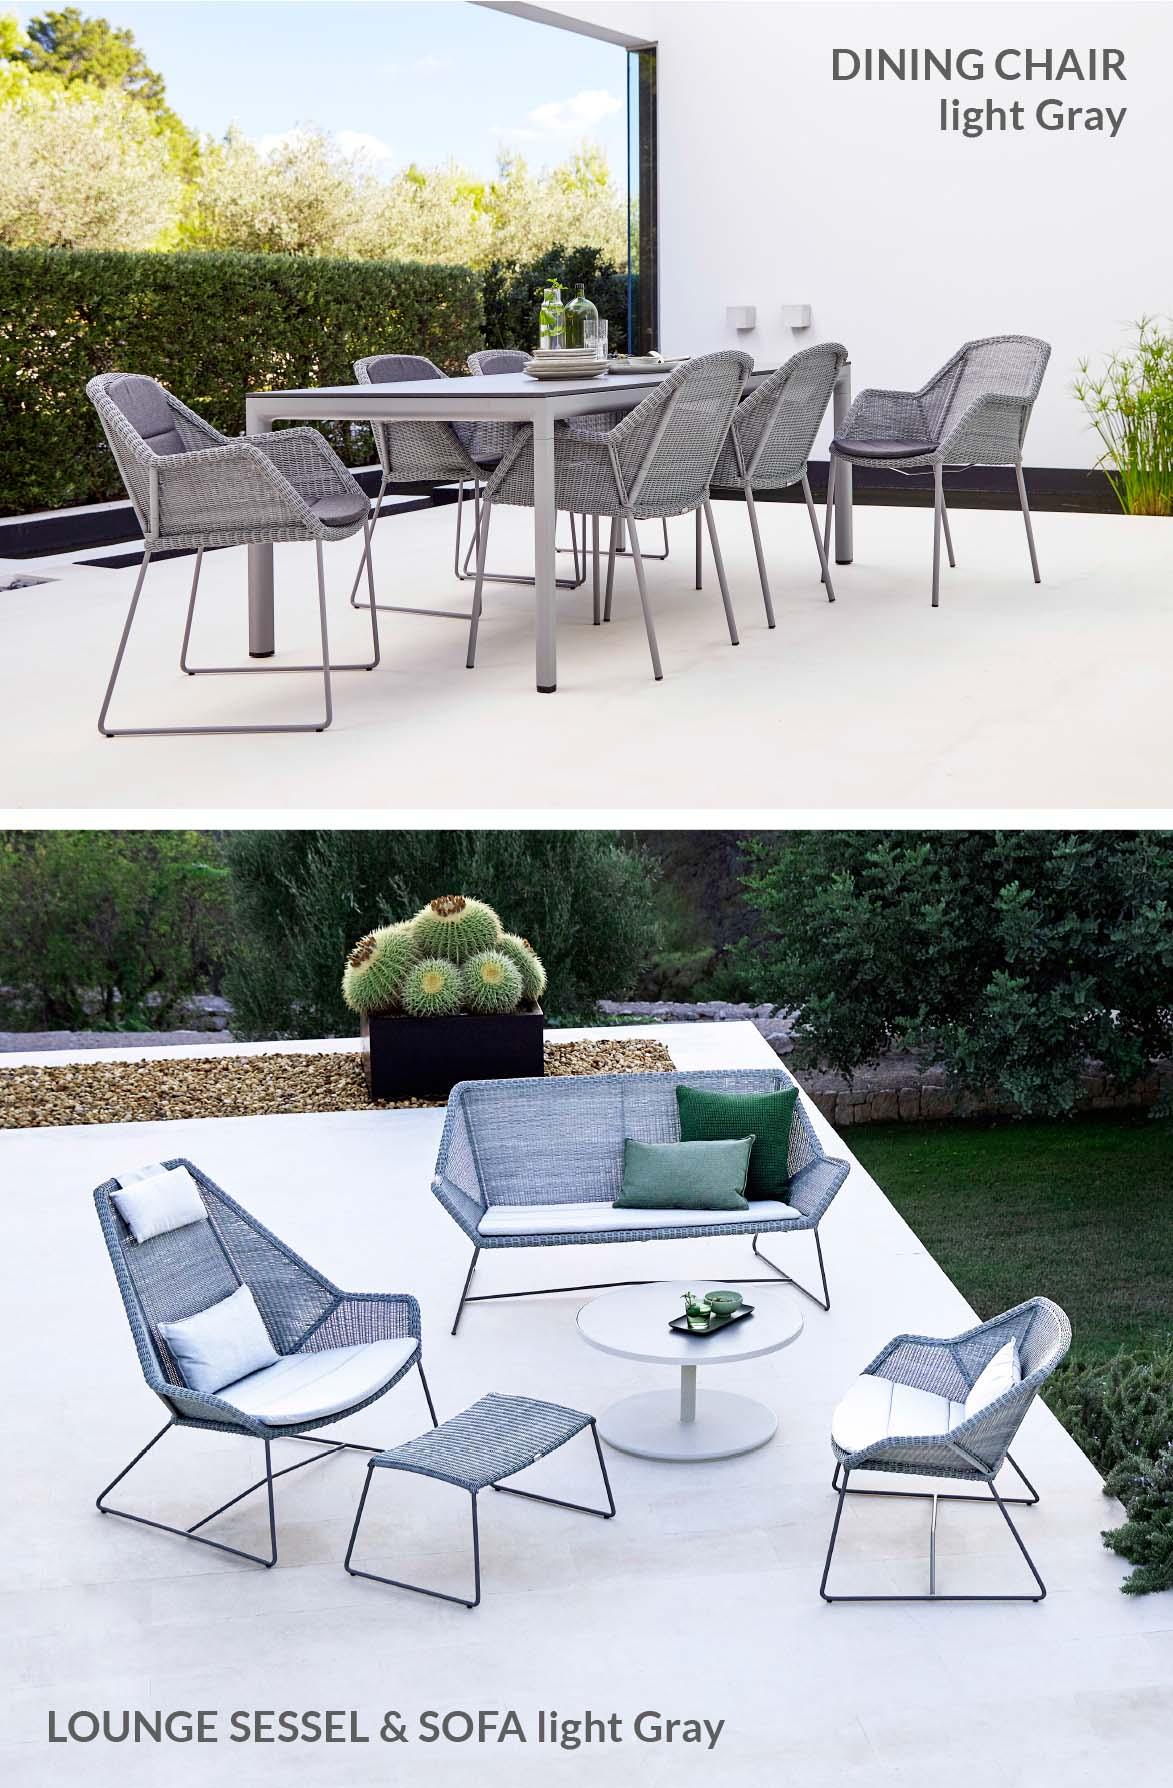 Breeze Dining Chair und Breeze Lounge Sessel in light grey von Cane-line